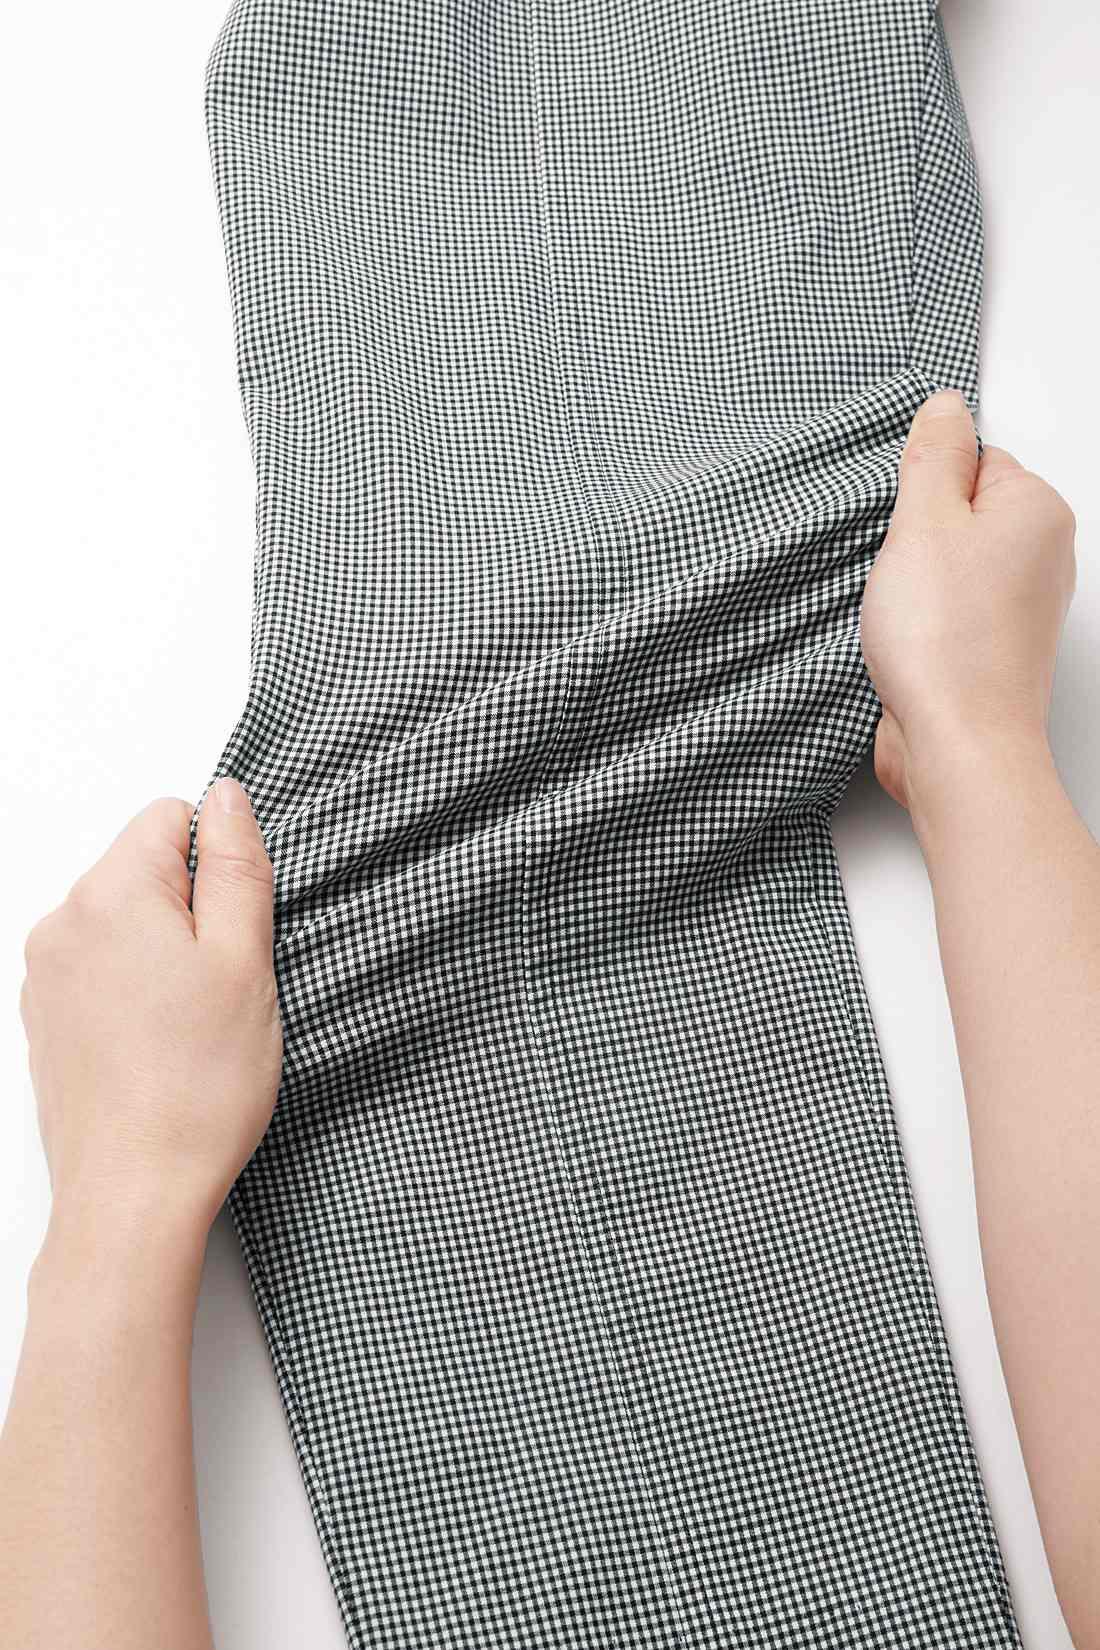 綿混とは思えないほどのスーパーストレッチ性の素材だから動きやすく一日快適。